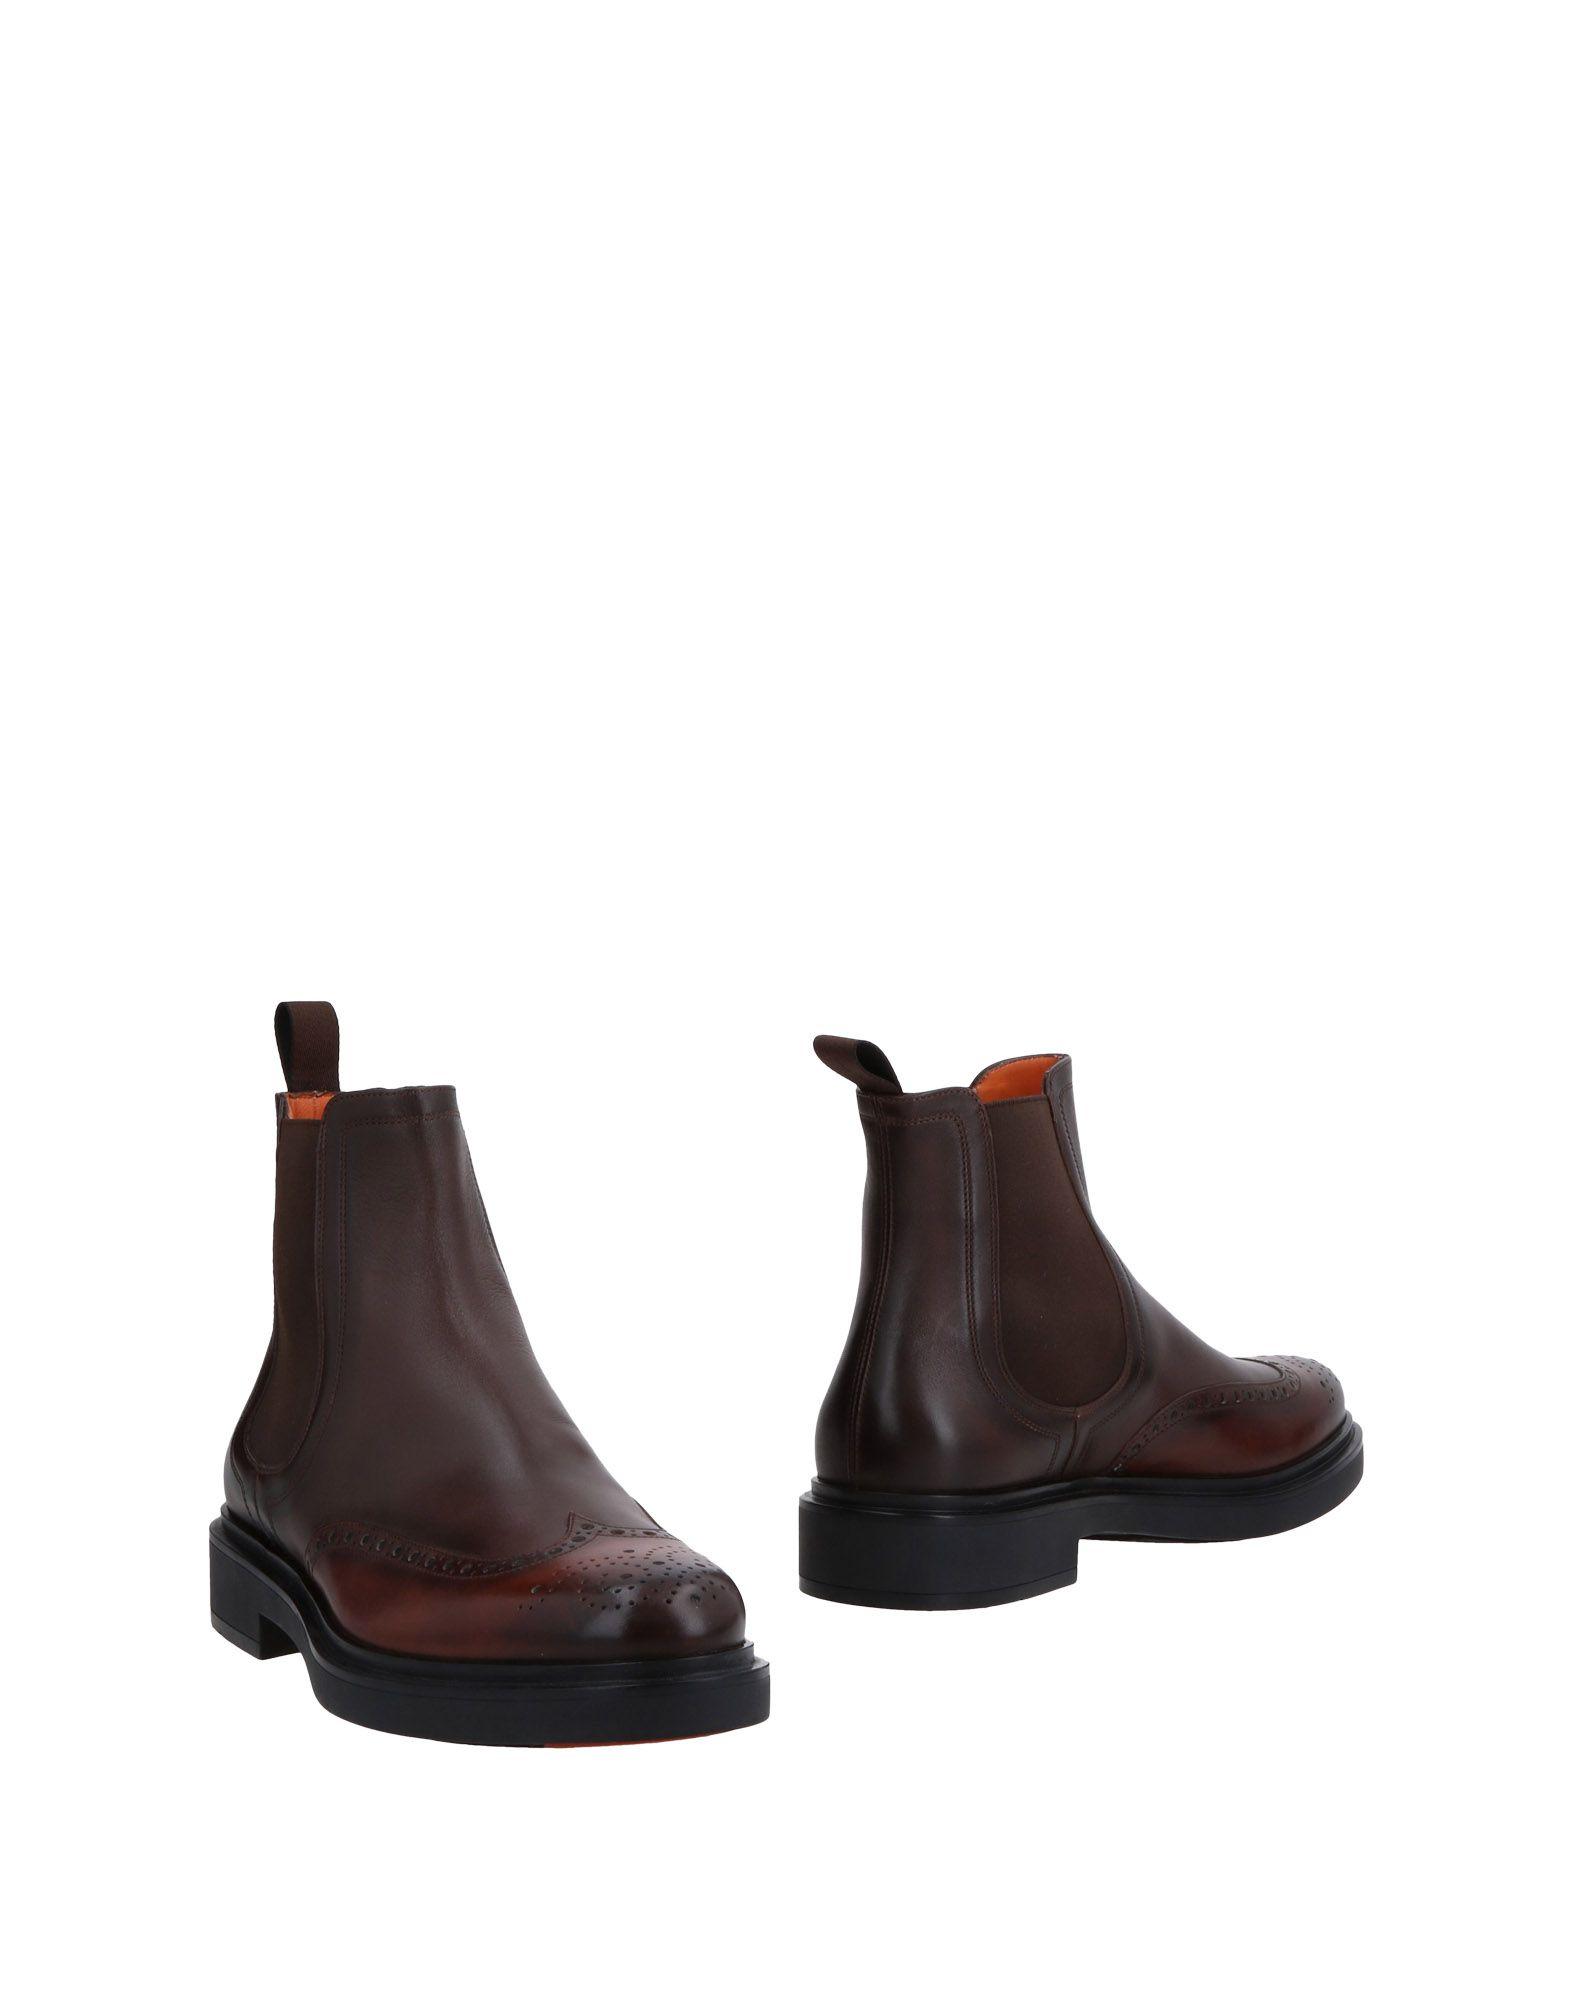 Santoni Stiefelette Herren  11478596PA Gute Qualität beliebte Schuhe